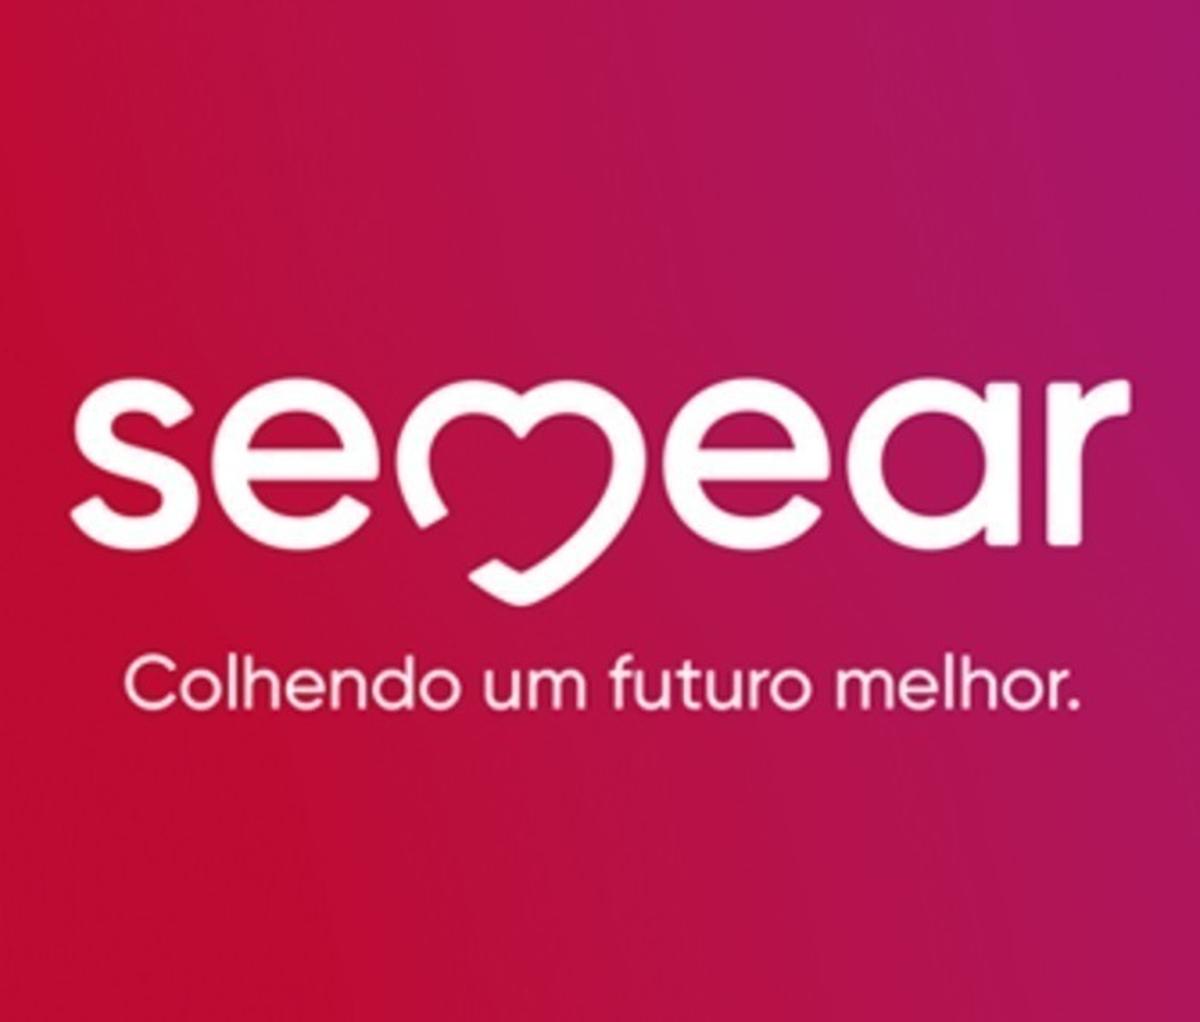 Unibrad Semear 2019 - Aplicação Jundiaí 2 (tarde)